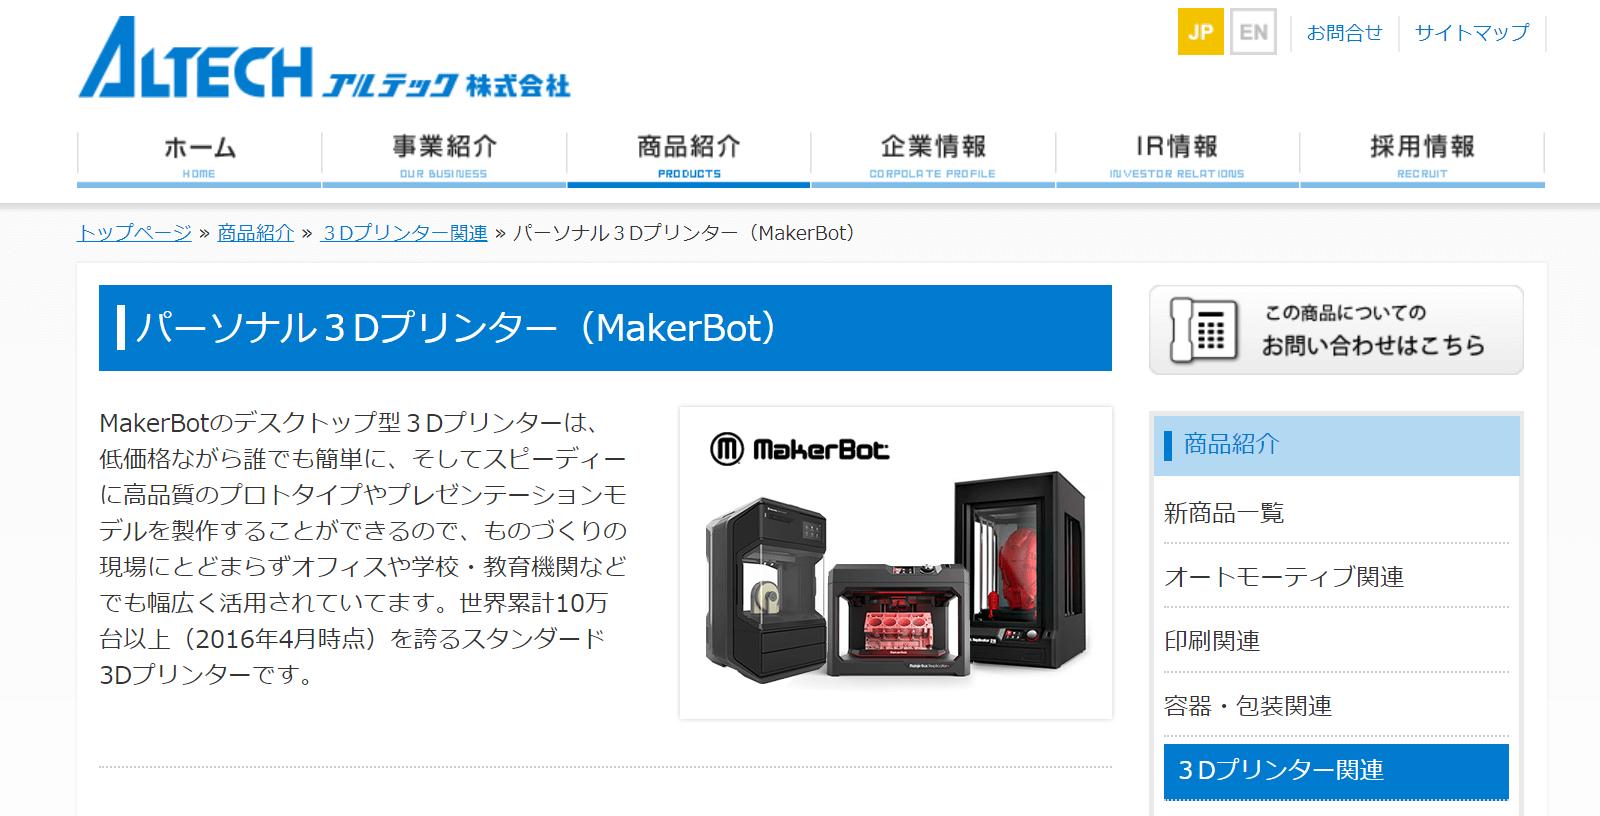 パーソナル3Dプリンター